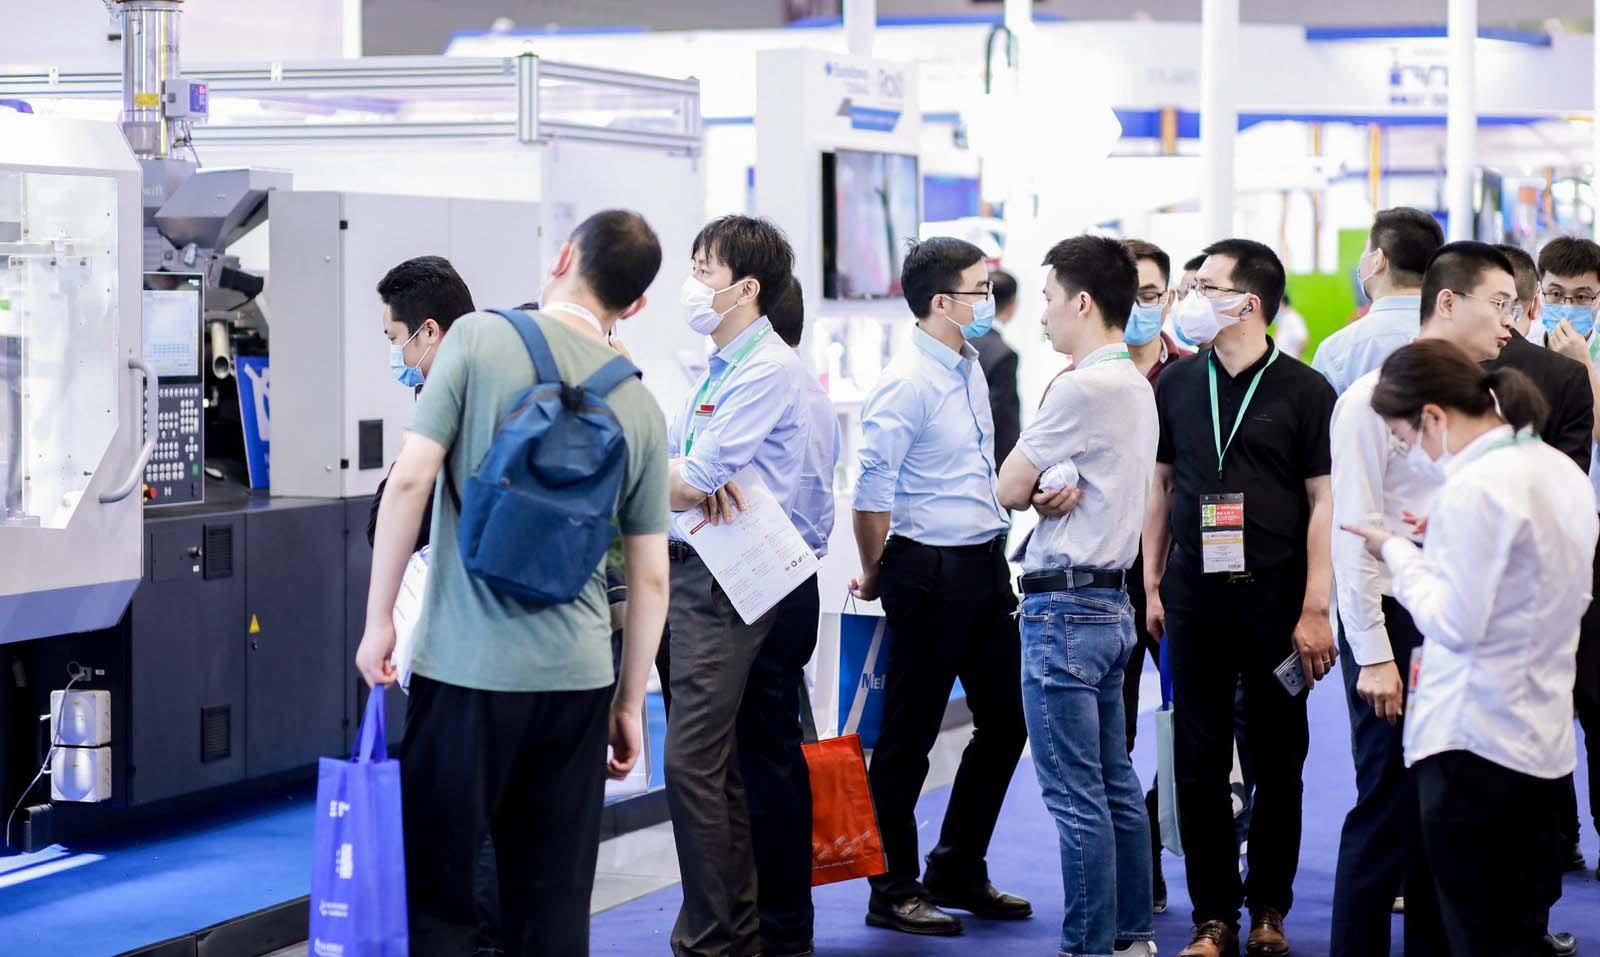 第24屆青島國際機床展覽會, 我們征程再啟!